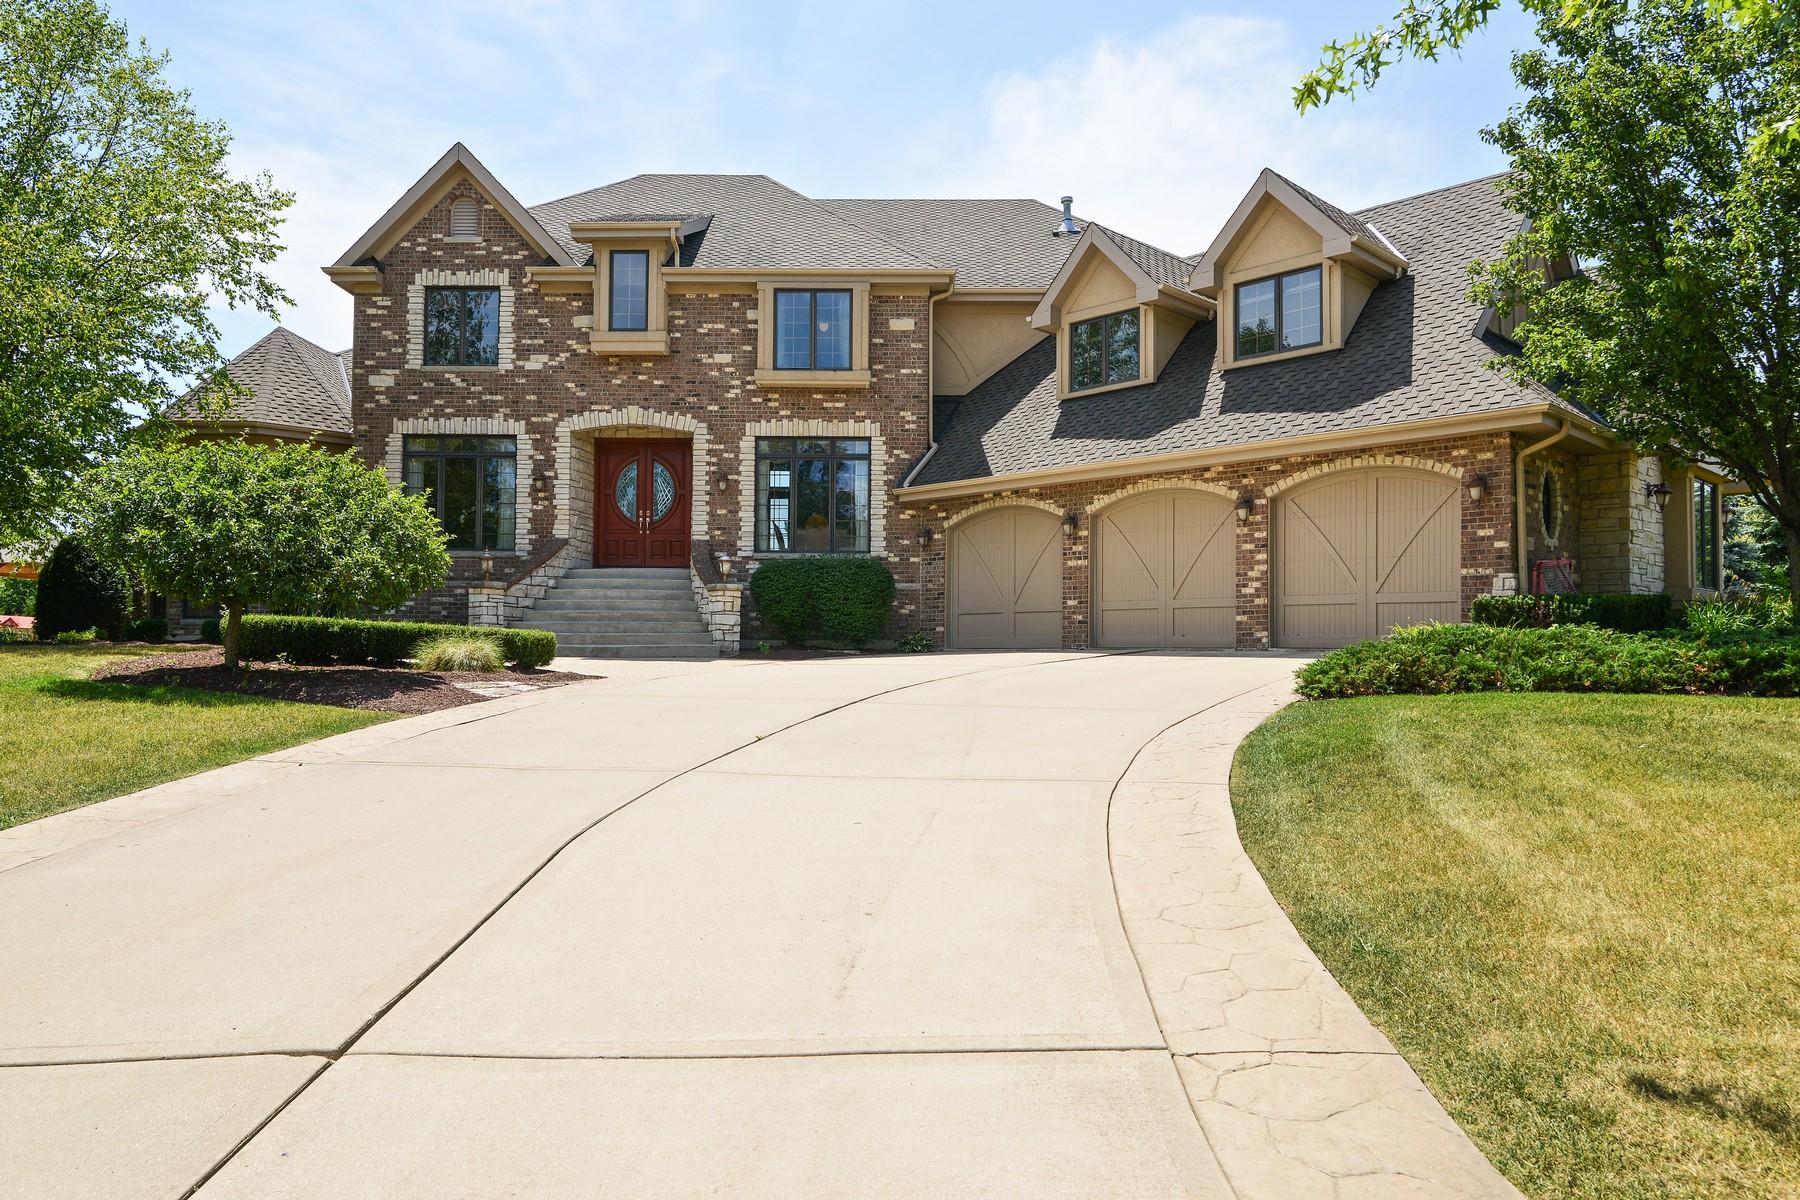 Maison unifamiliale pour l Vente à Magnificent Custom Built Home 374 S Walnut Ridge Court Frankfort, Illinois, 60423 États-Unis